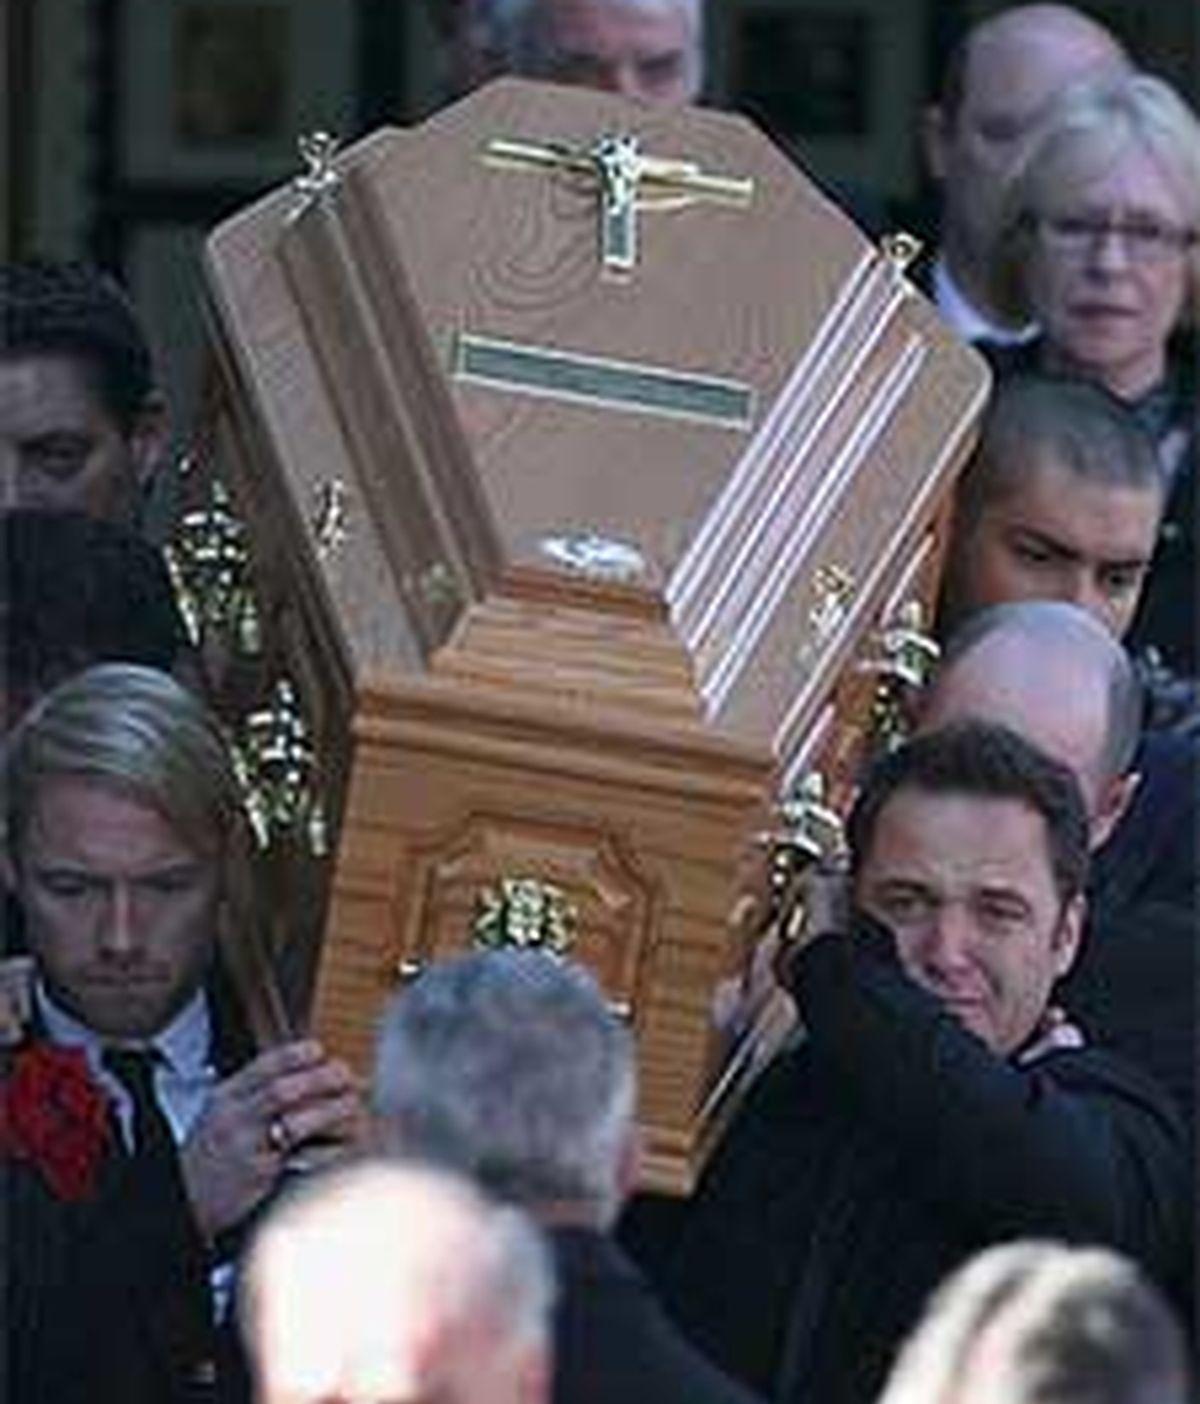 Los miembros de Boyzone portan el ataúd de Stephen. Foto: The Daily Mail